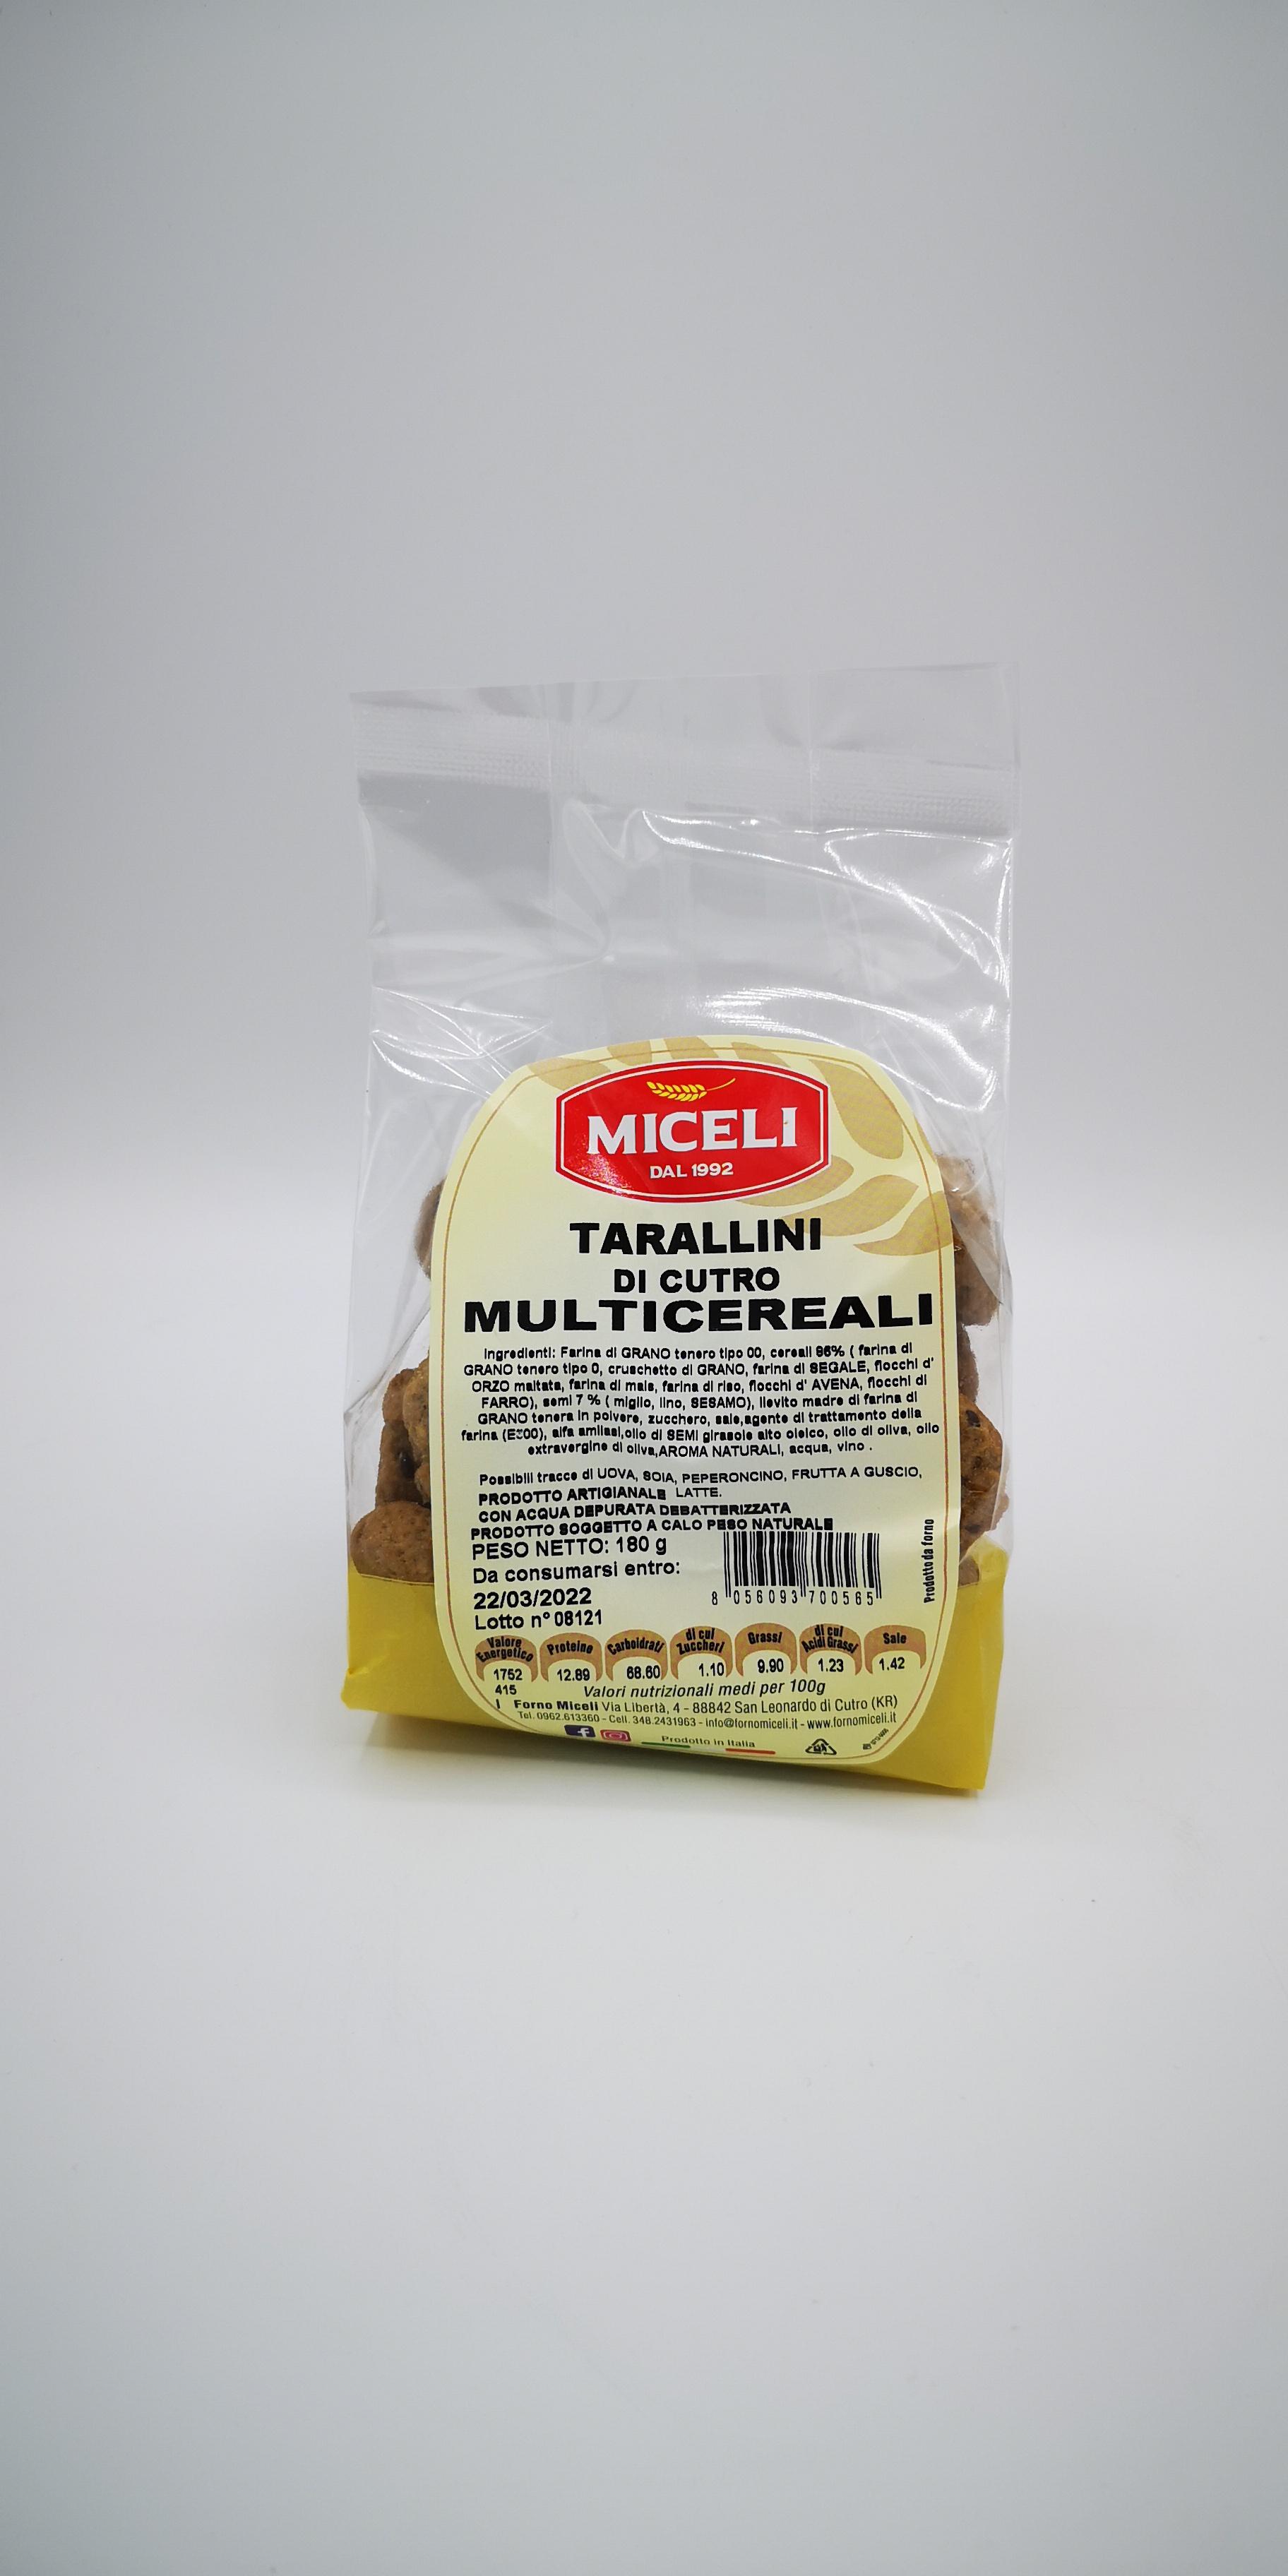 MICELI TARALLINI DI CUTRO MULTICEREALI GR.180